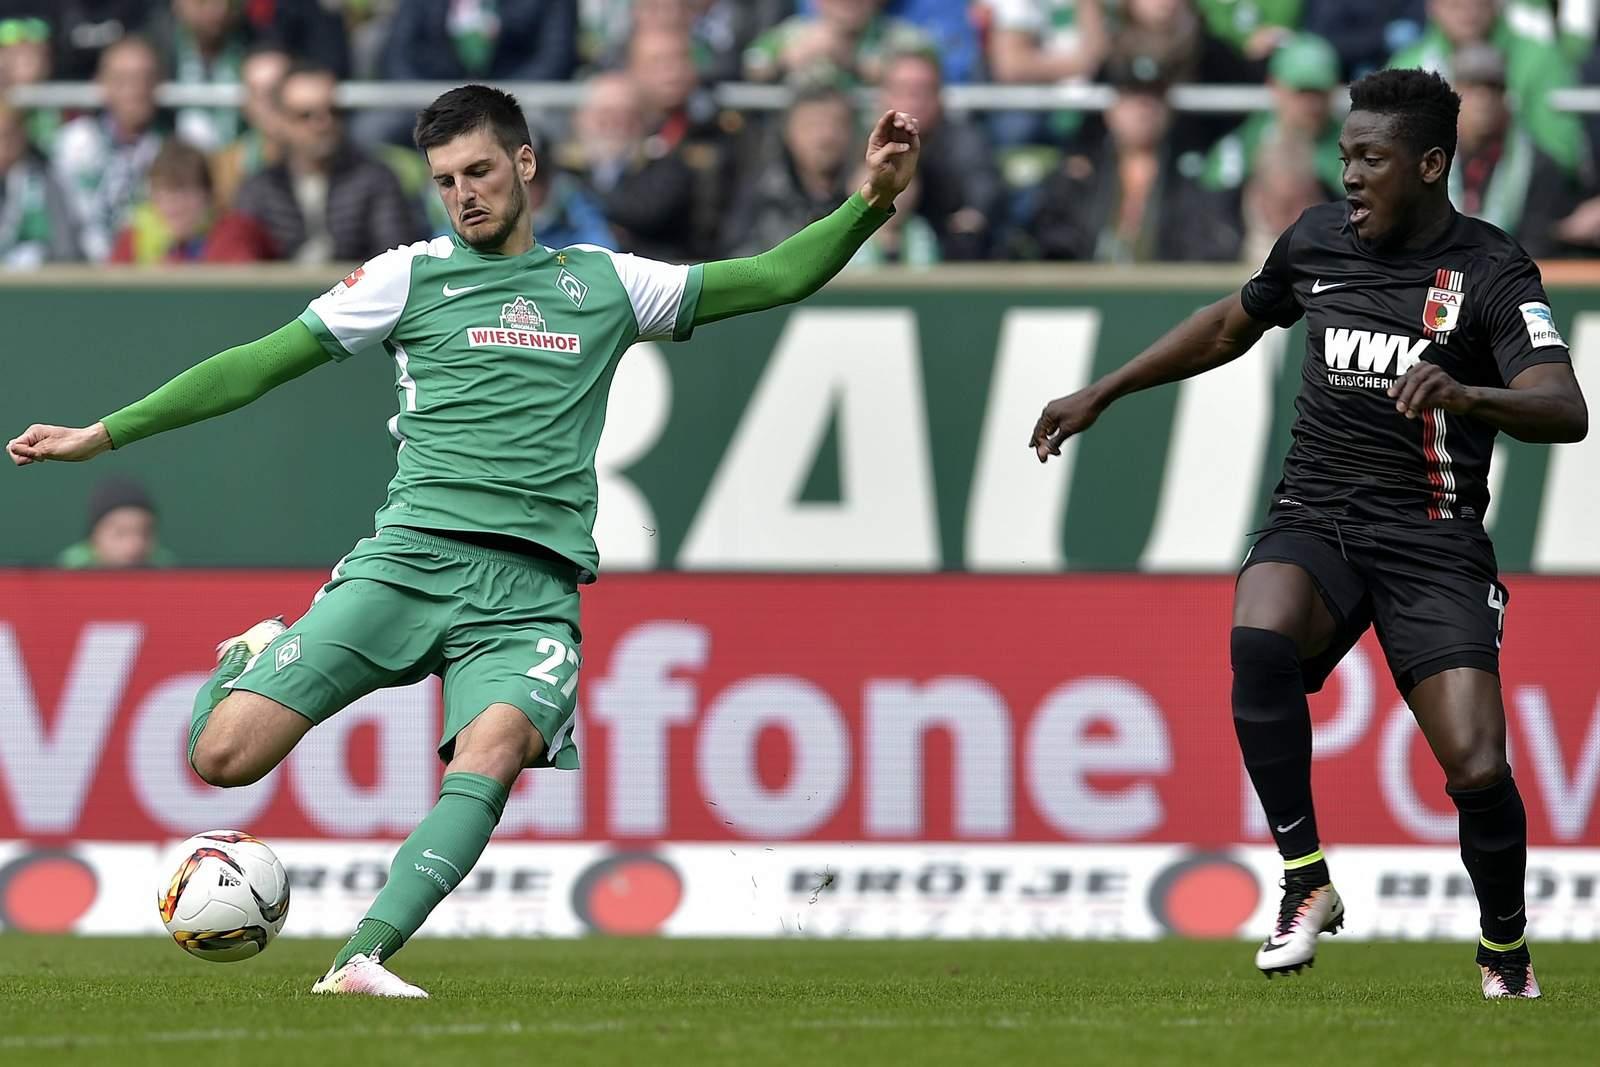 Trifft Grillitsch wieder? Jetzt auf FC Augsburg gegen Werder Bremen wetten